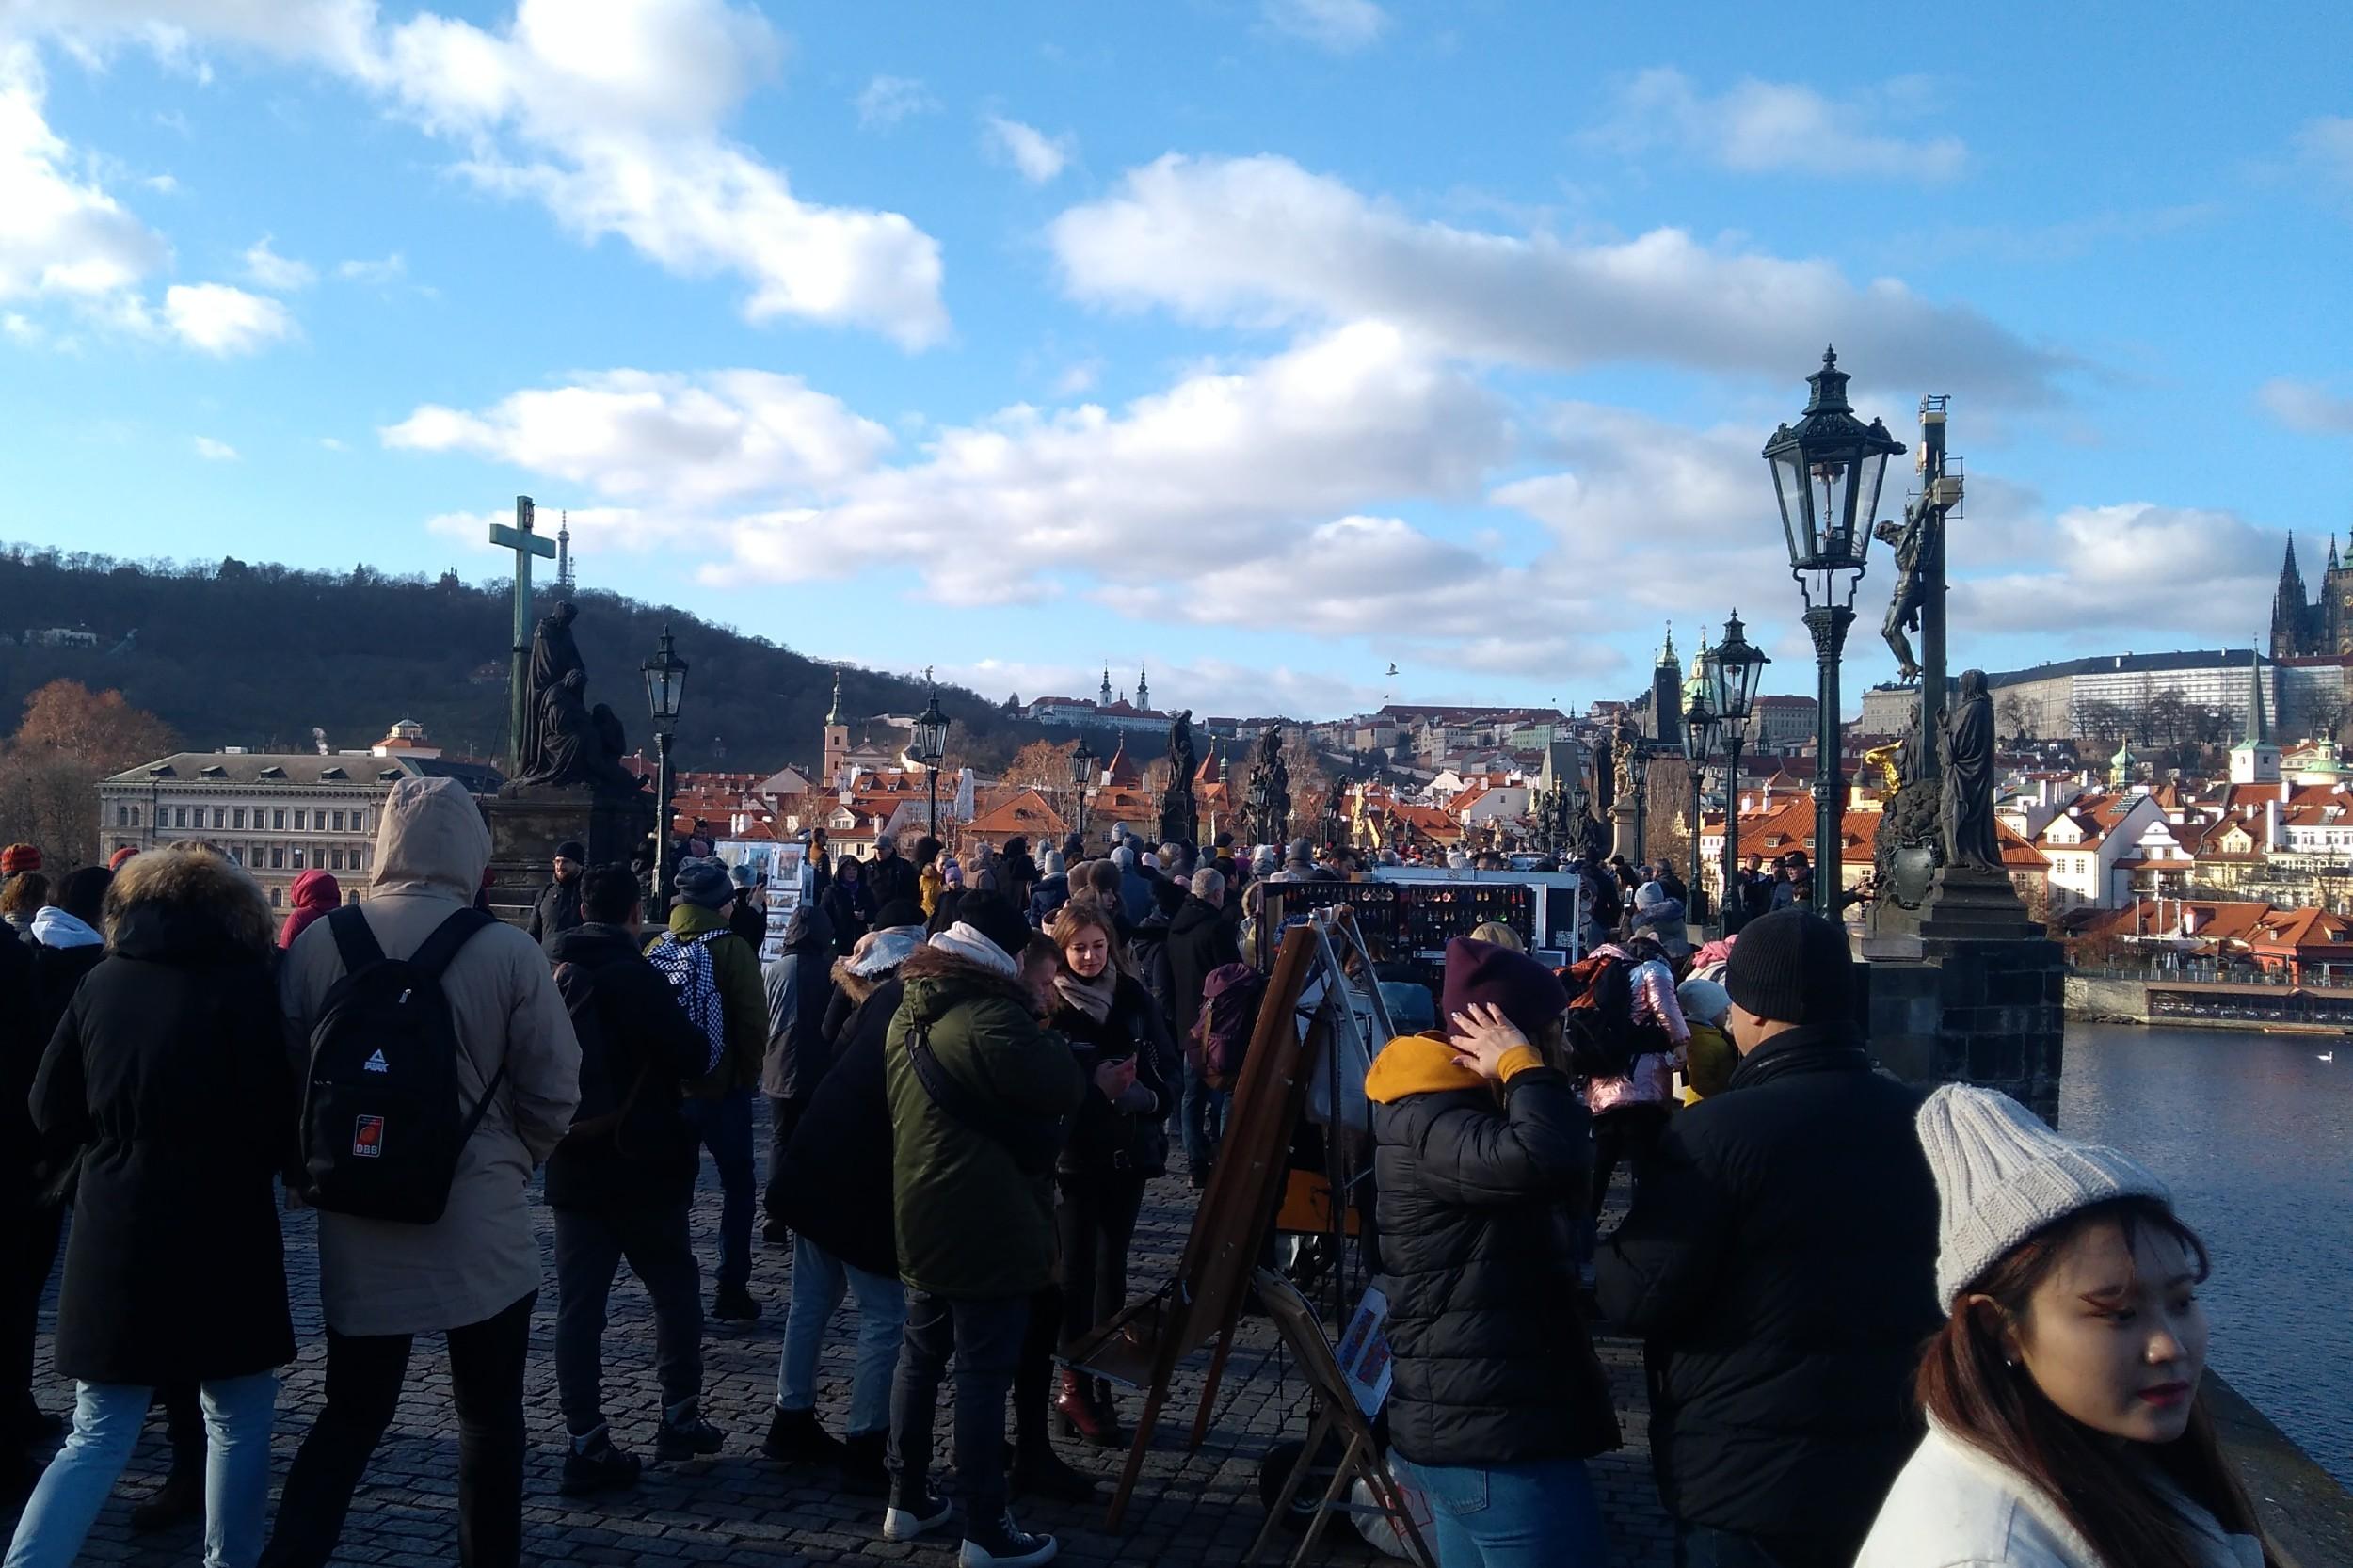 Turisti prelaze preko Karlovog mosta, Prag, 05. januar 2020. (Foto: Radomir Jovanović/Novi Standard)